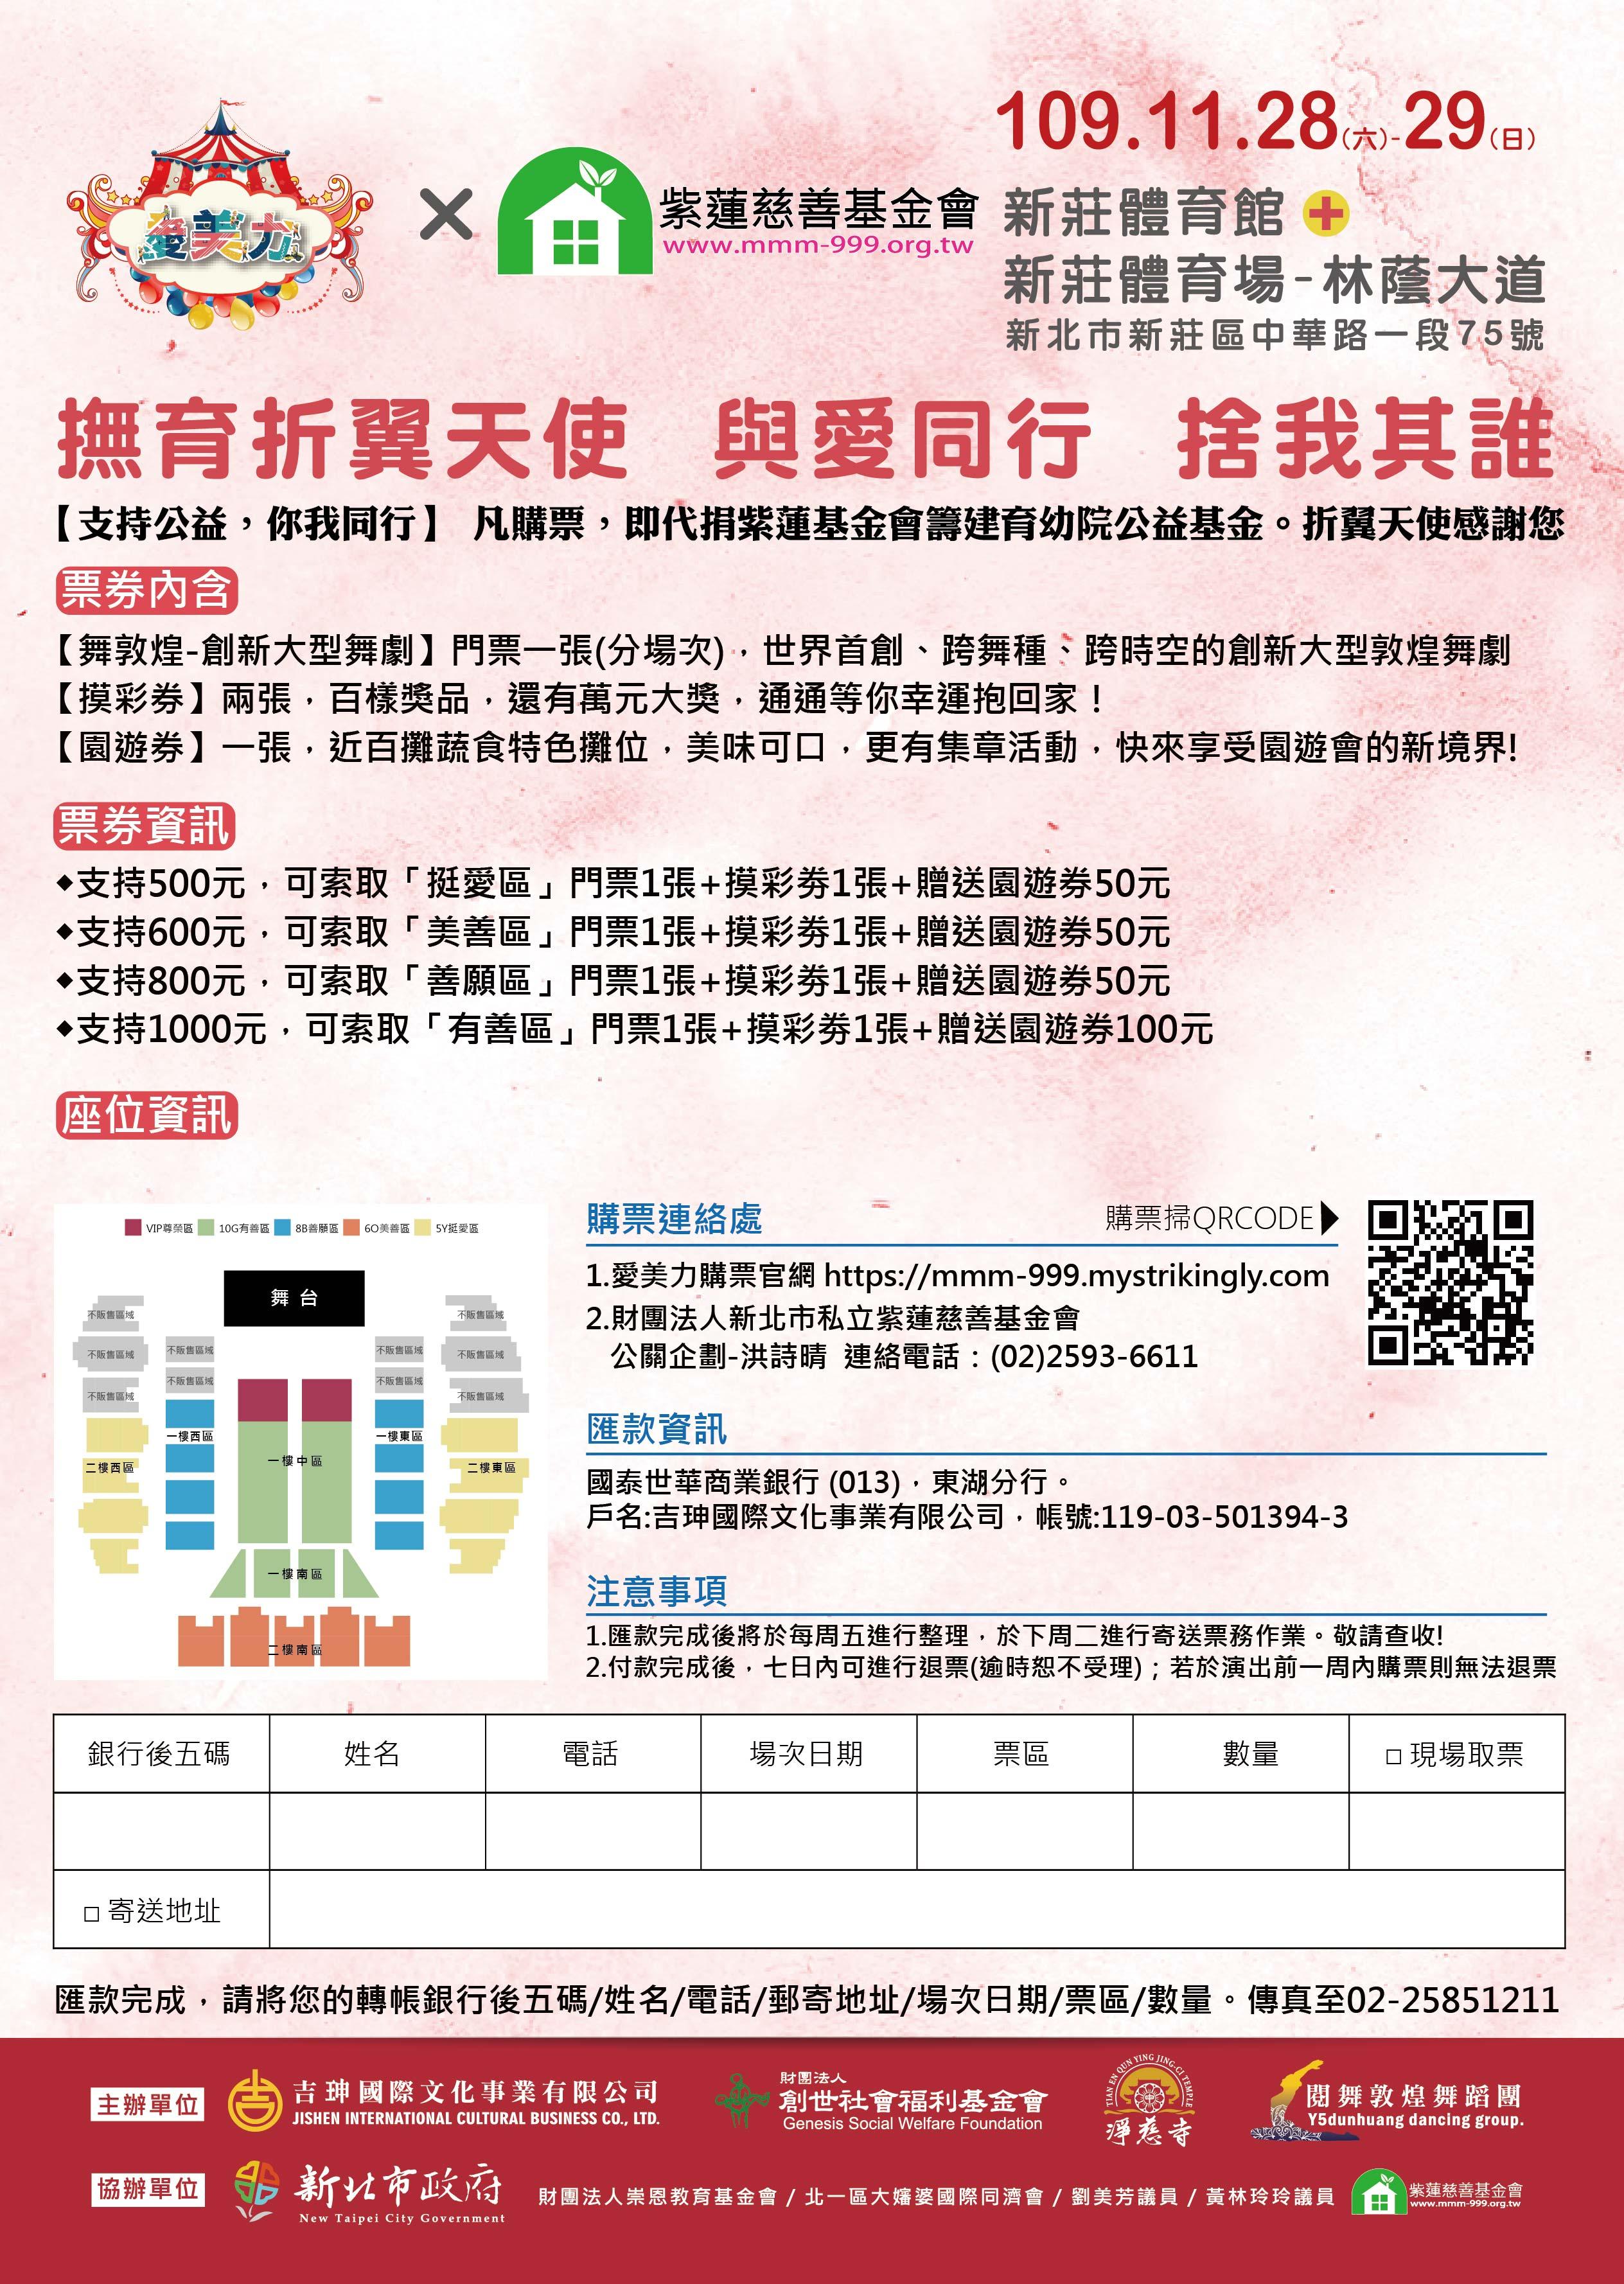 20201012-紫蓮基金會-01.jpg